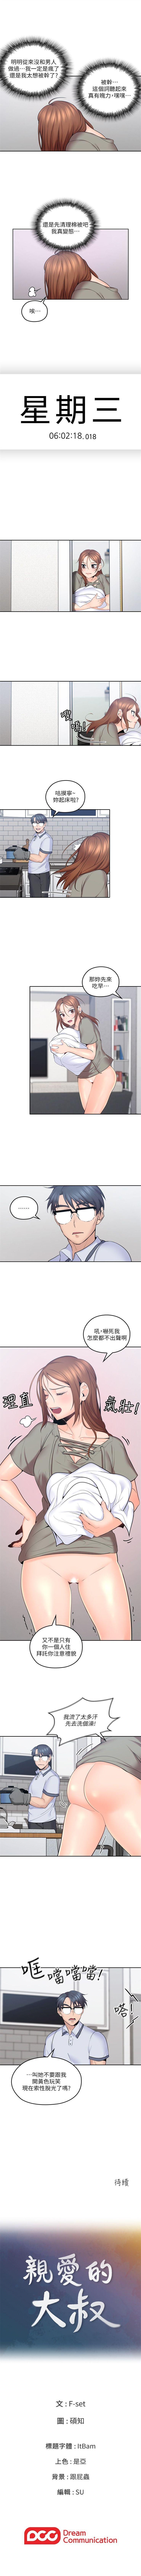 (週4)親愛的大叔 1-39 中文翻譯(更新中) 37